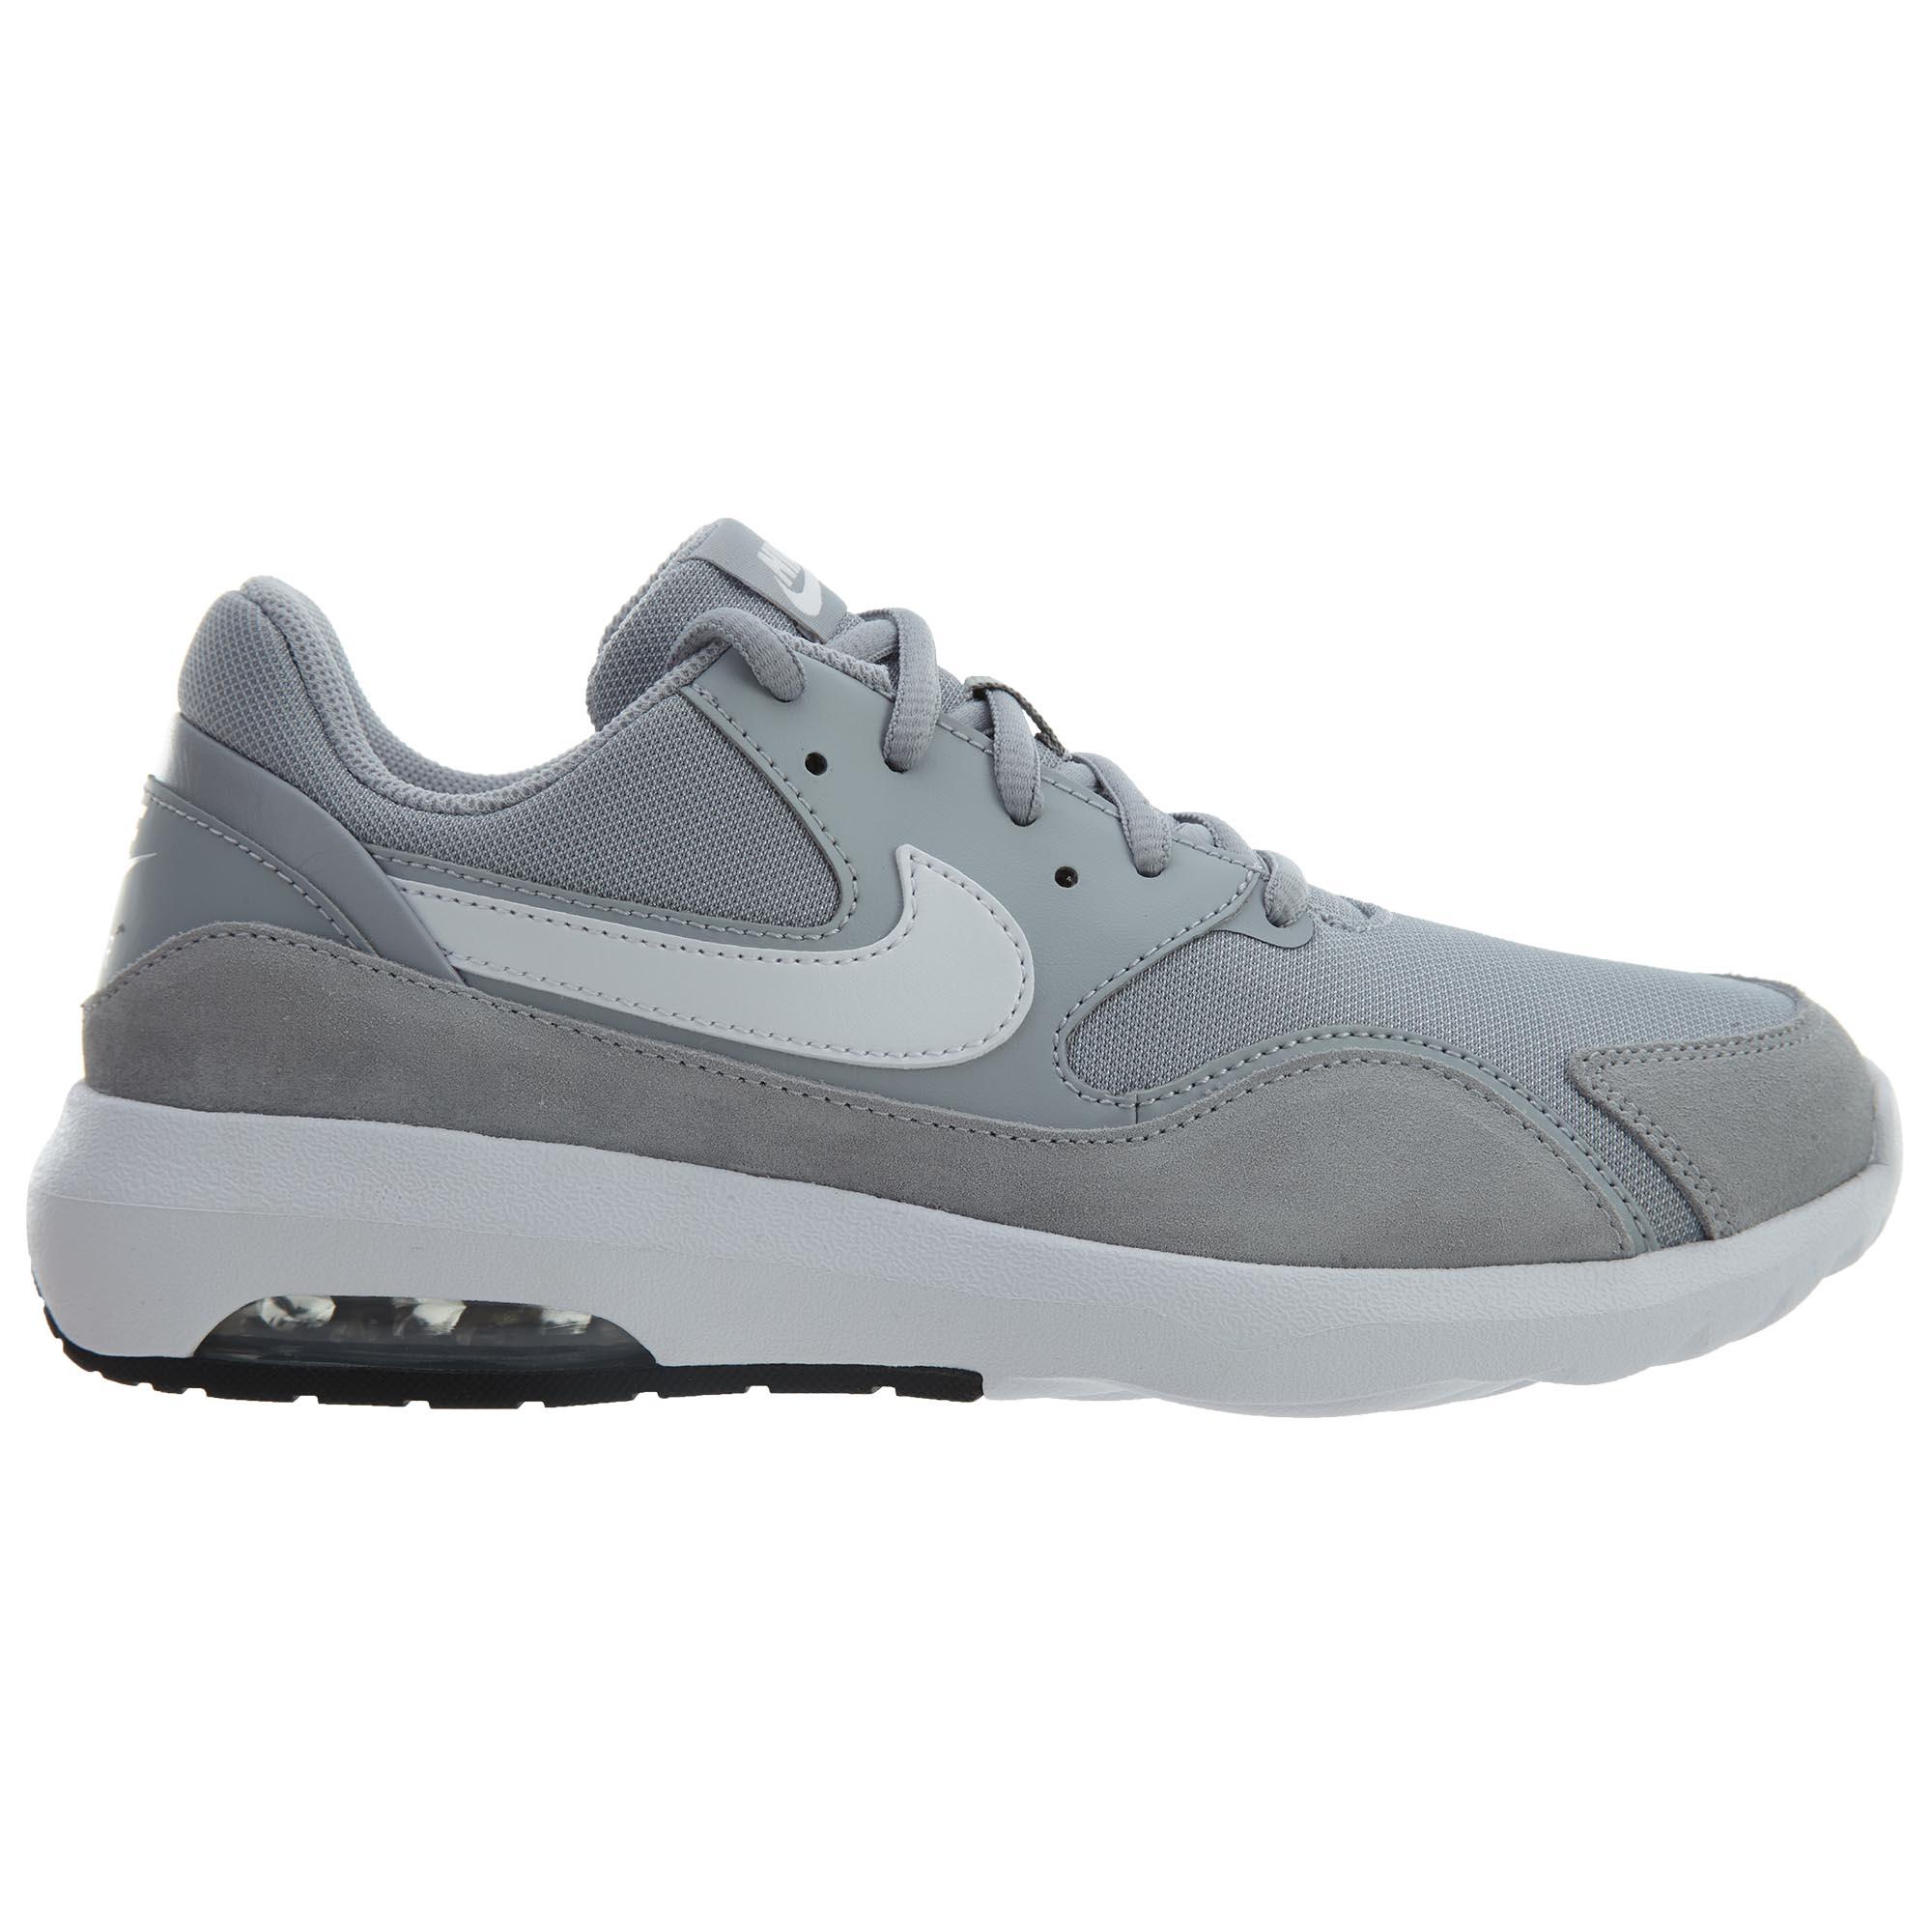 Nike Air Max Nostalgic Wolf Grey White